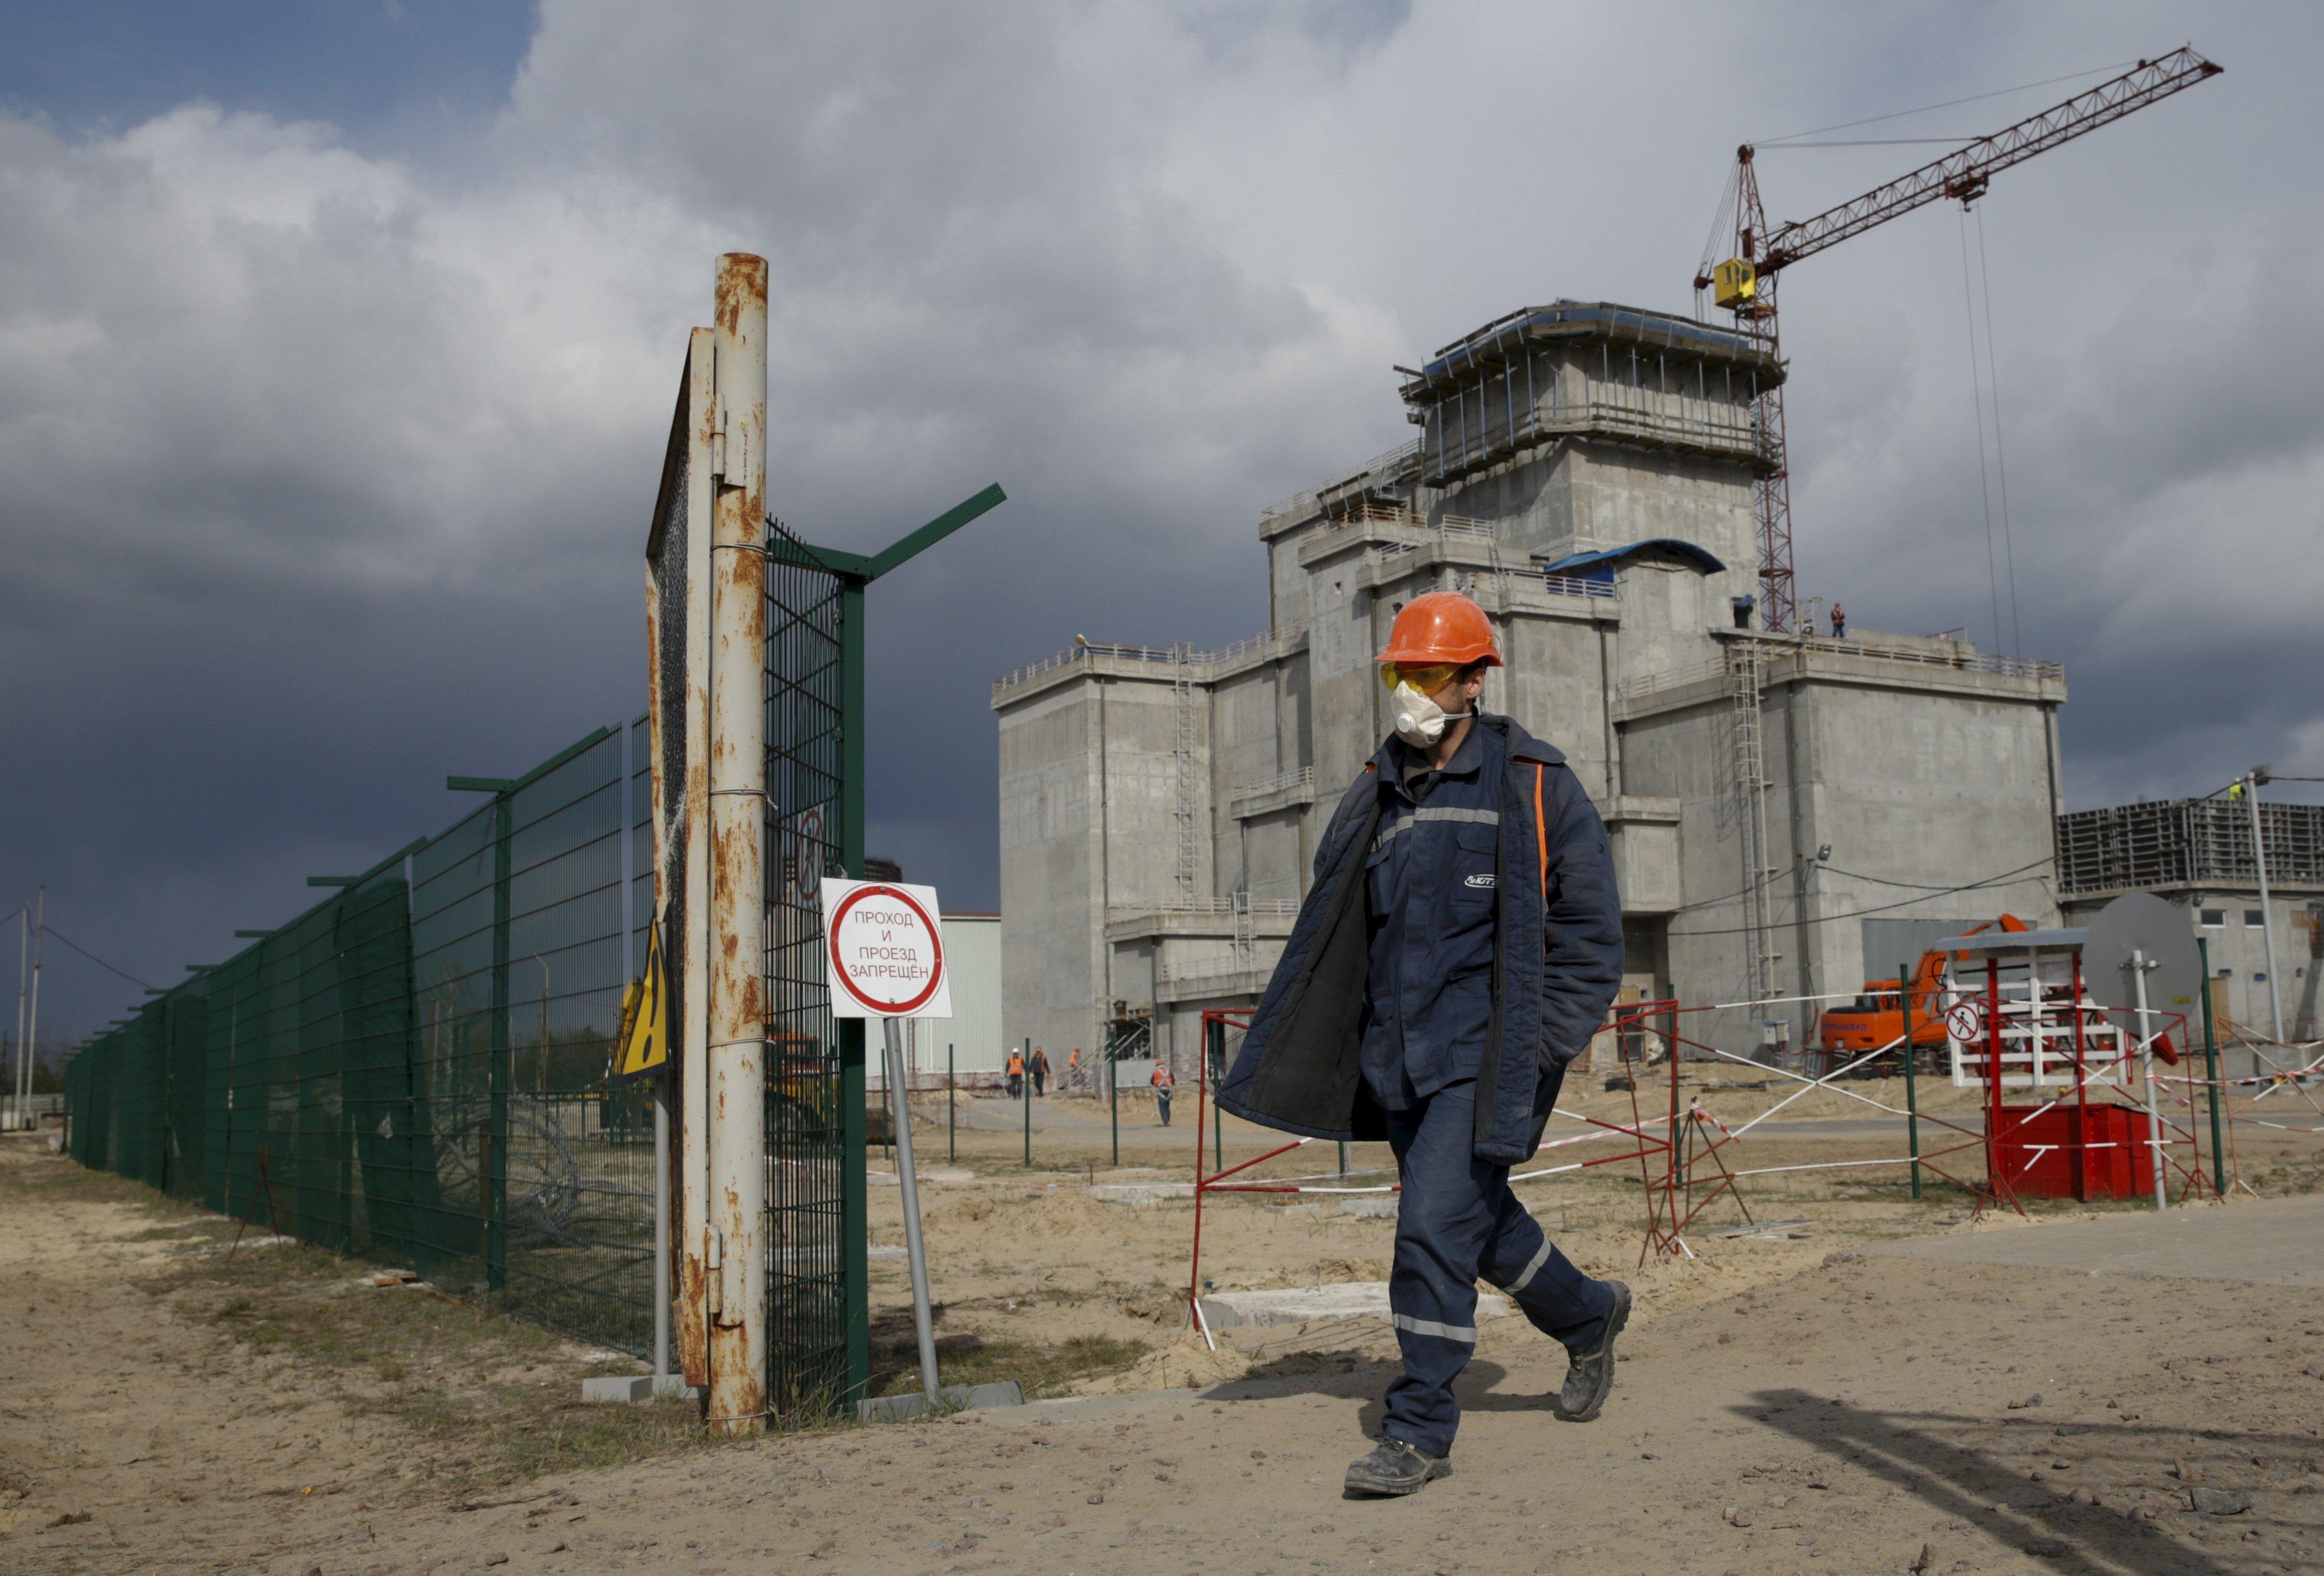 Які з гэтых фактараў Міжнародная кансультацыйная група па ядзернай бясьпецы назвала сярод прычын аварыі на Чарнобыльскай АЭС 26 красавіка 1986 году?